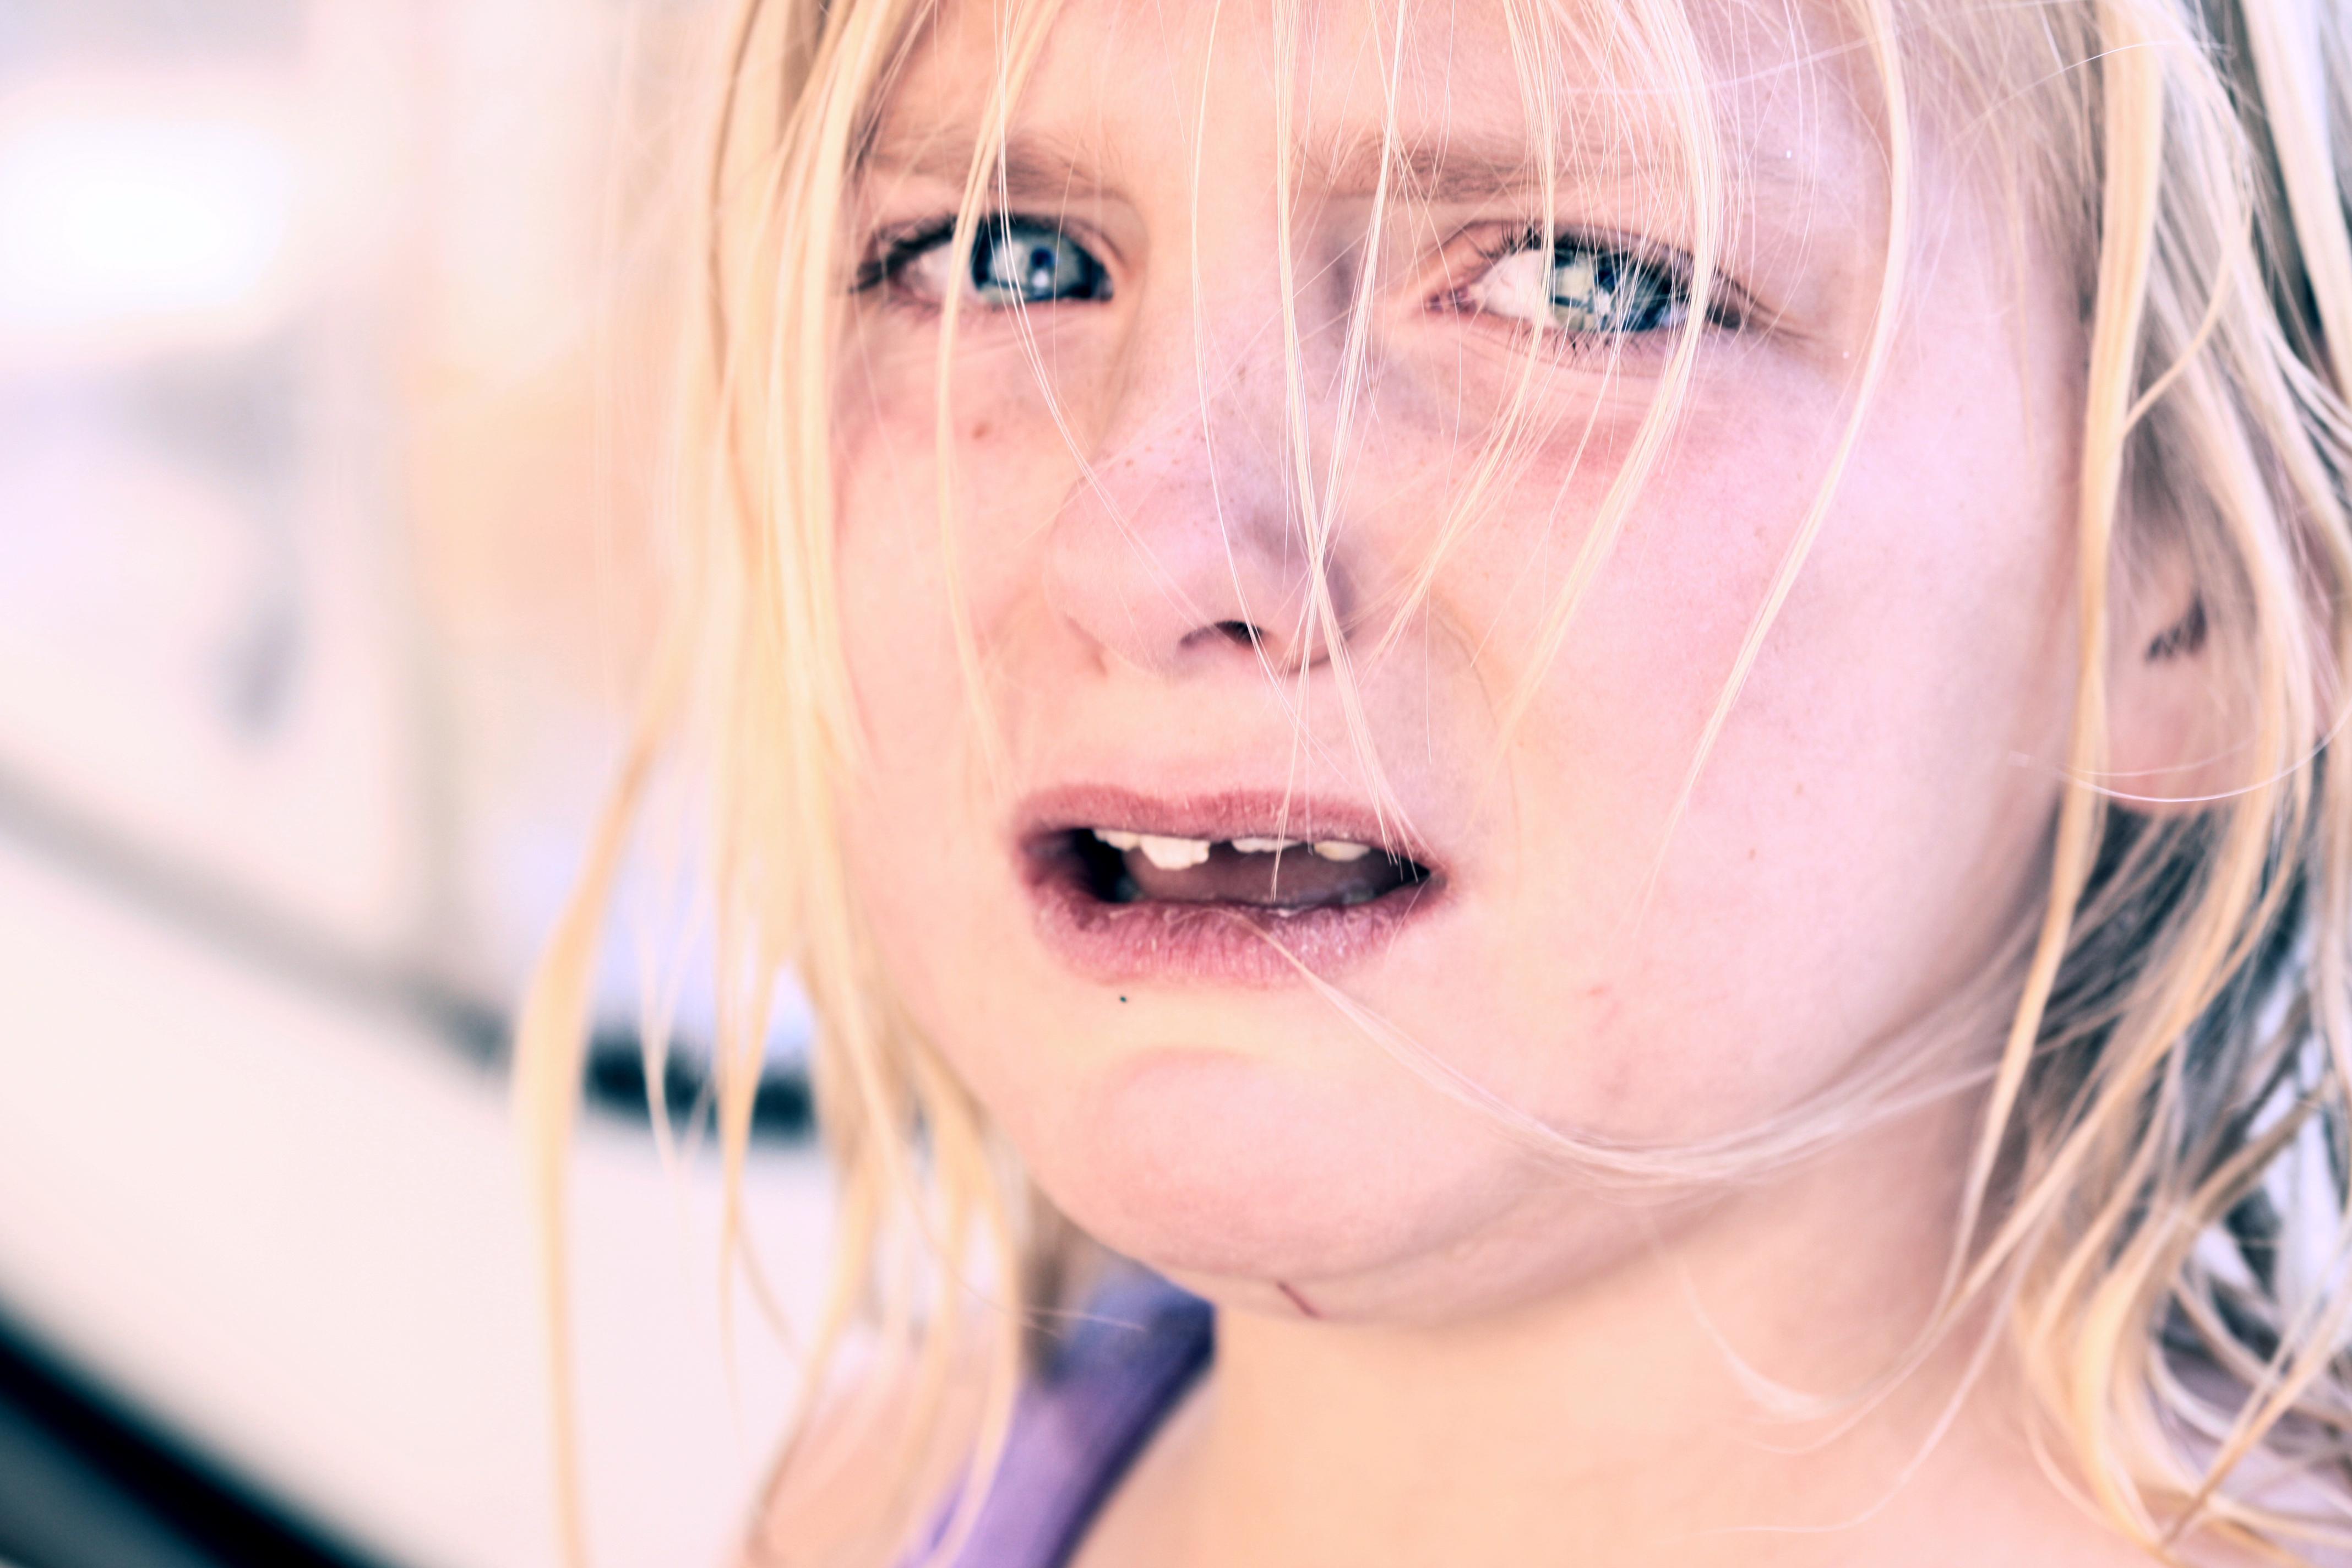 La sistematización del abuso sexual sobre los niños se considerara una apología a este delito